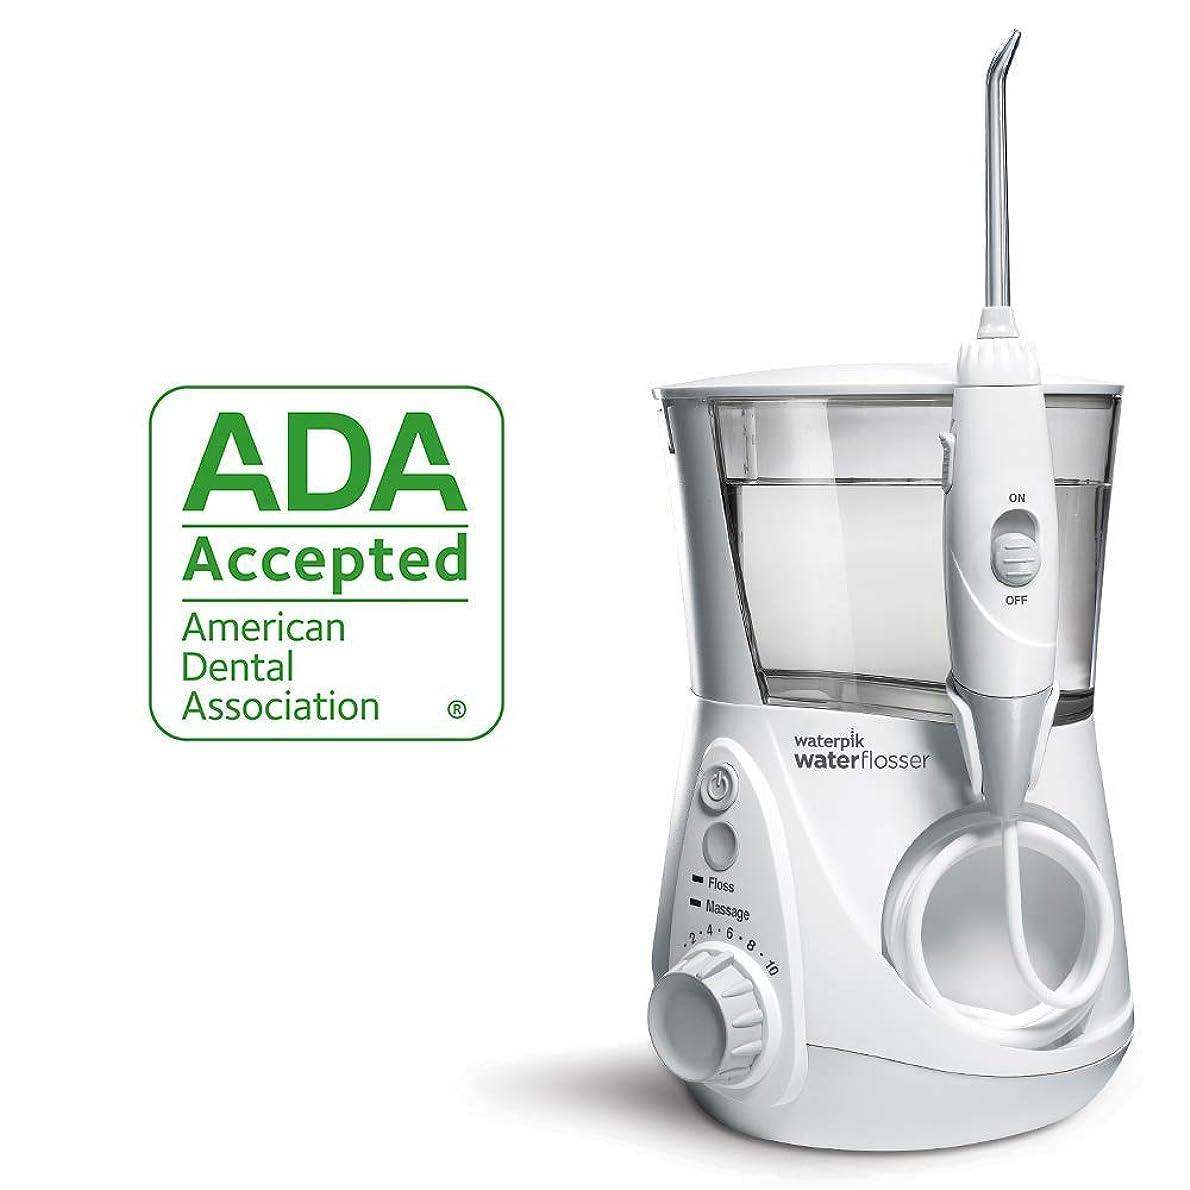 の中で圧縮するドキュメンタリー[(ウォーターピック) Waterpik] [ADA Accepted WP-662 Aquarius Water Flosser] (並行輸入品)